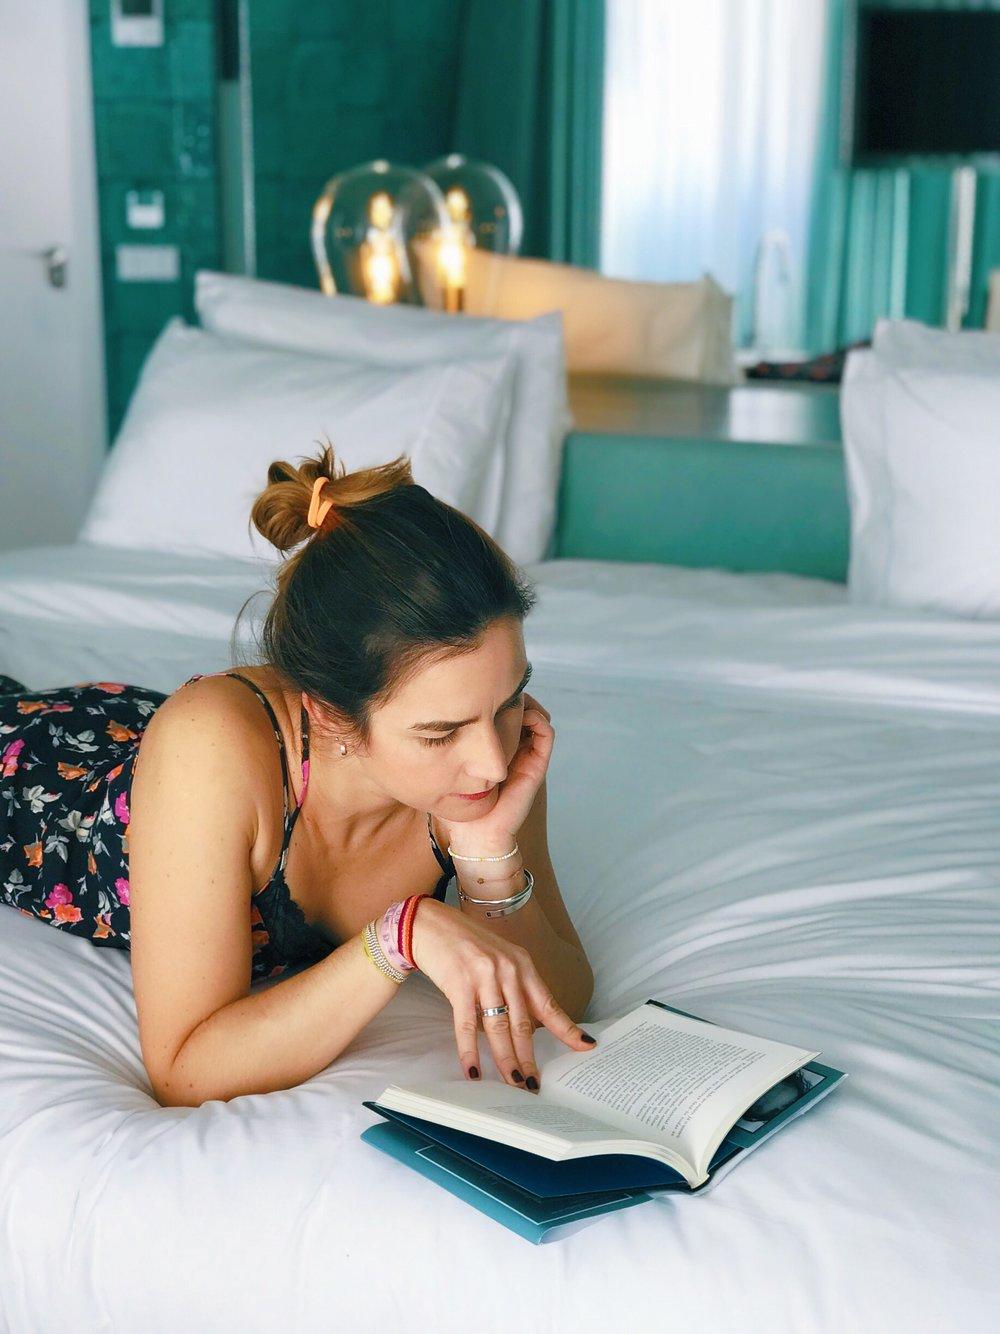 camas enormes e confortáveis, roupa de cama suave e macia, que convida a ficar...